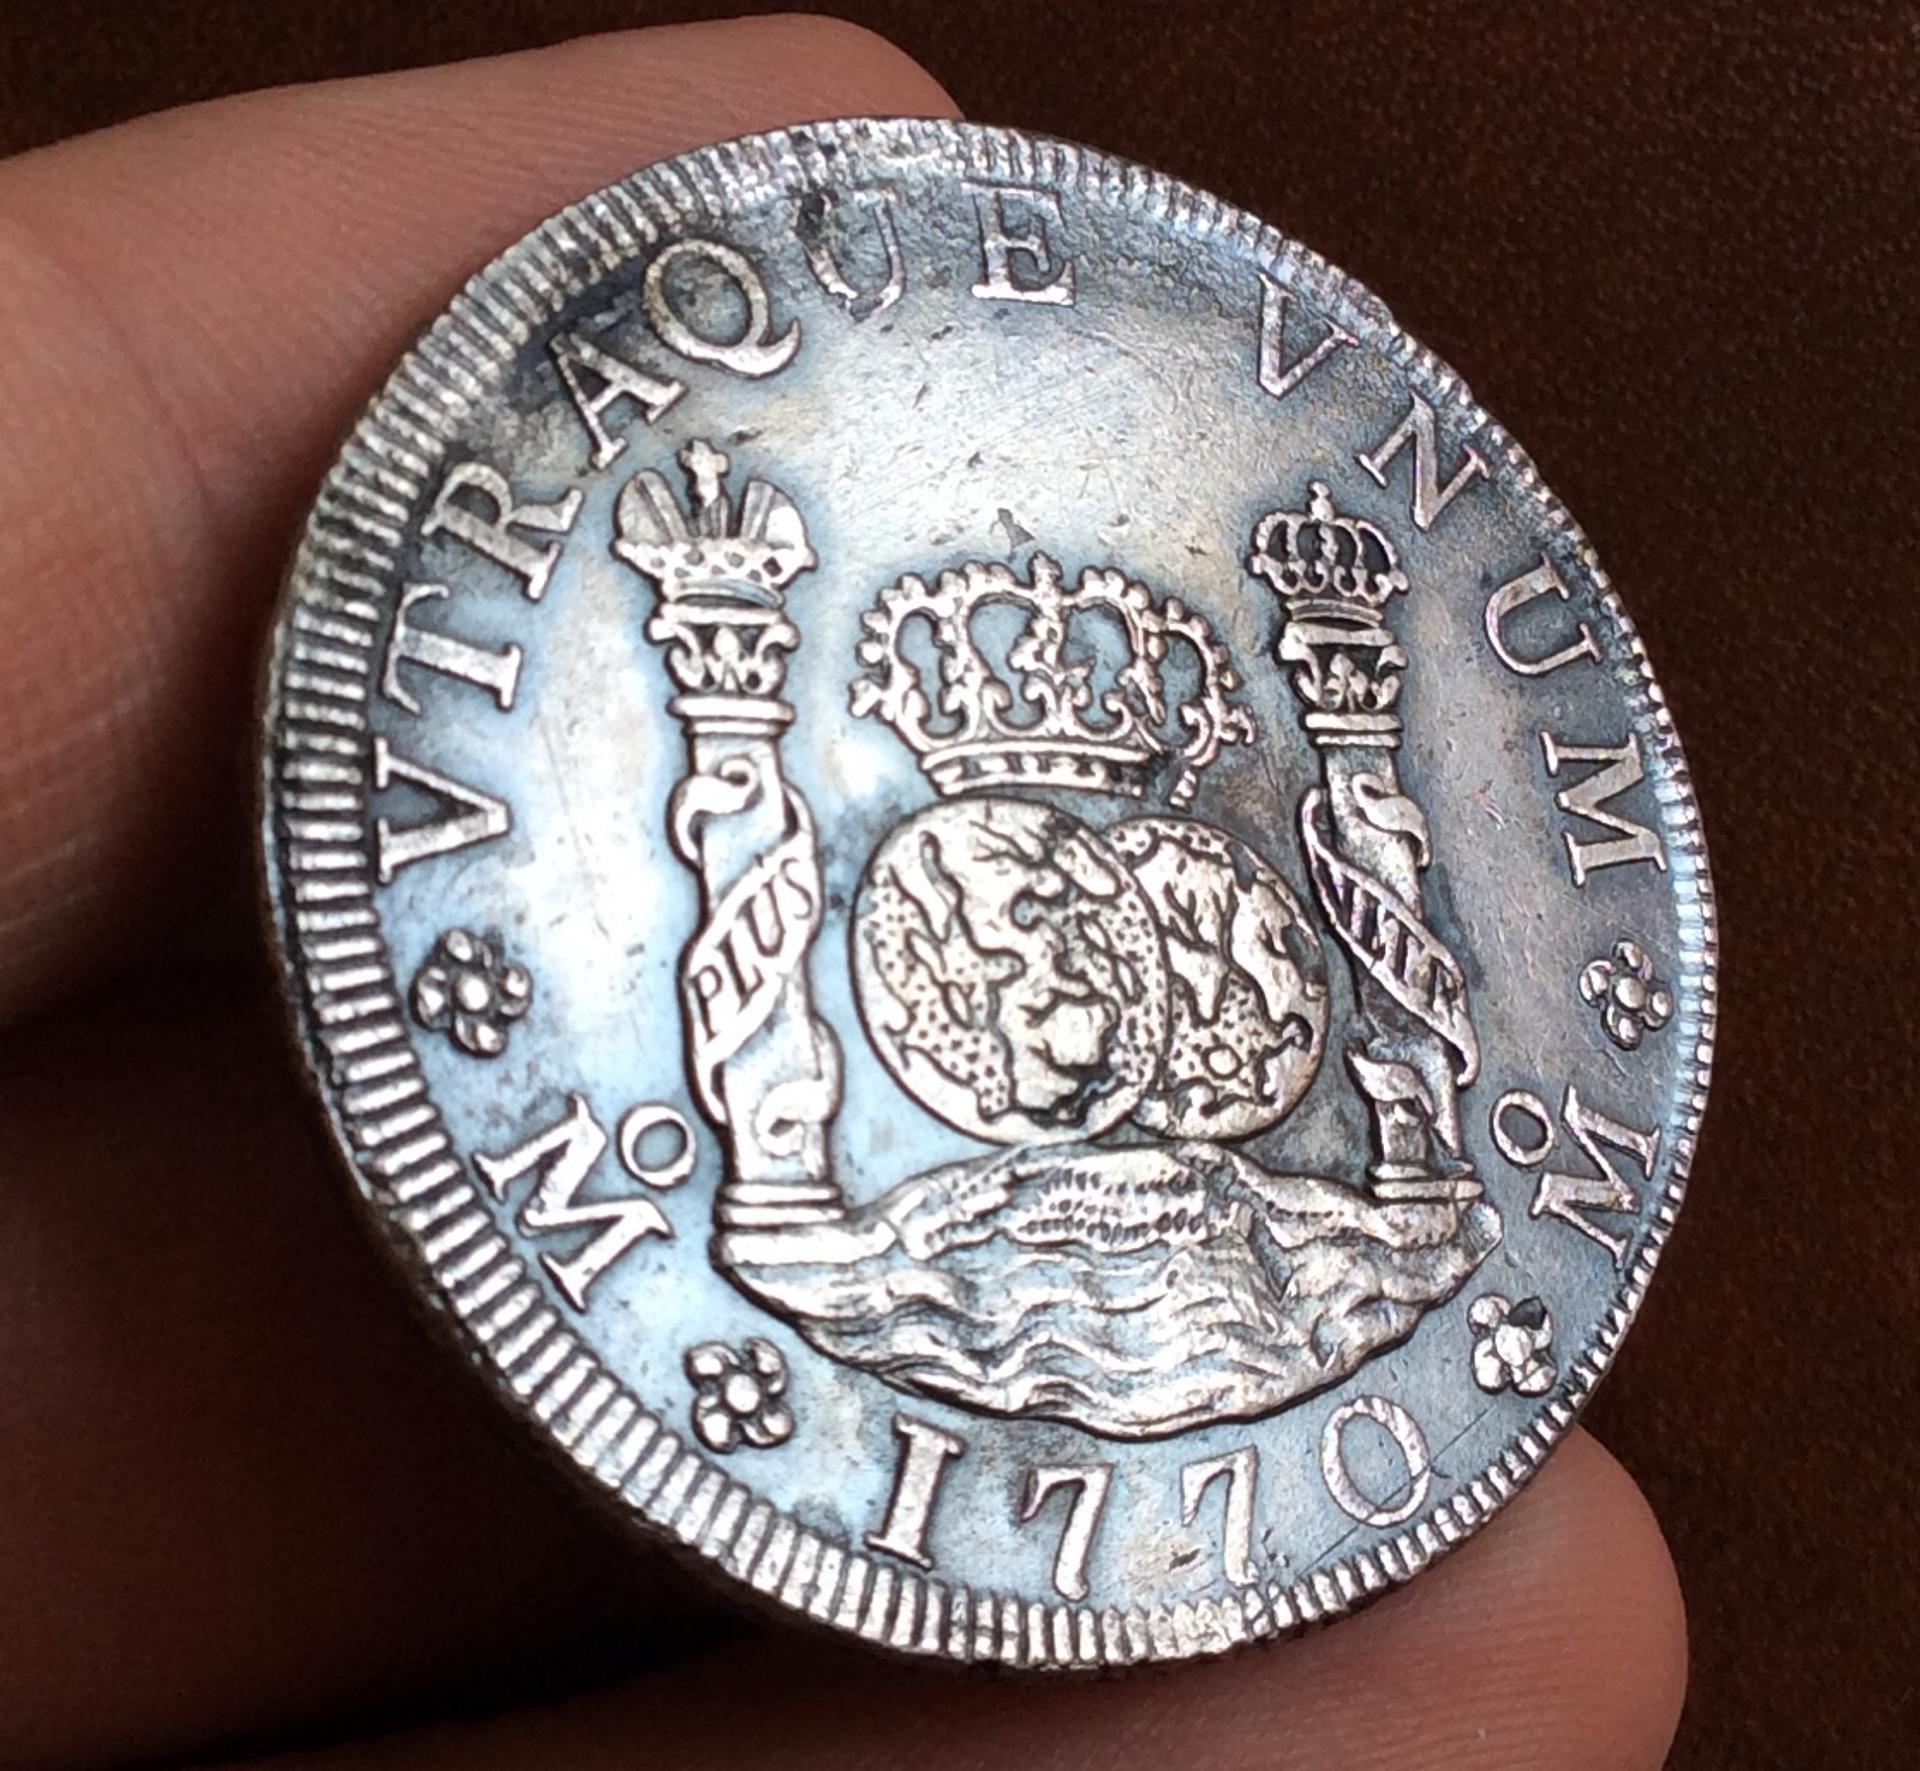 8 REALES PLATA 1770 - COLUMNARIO - REINADO DE CARLOS III - MÉXICO